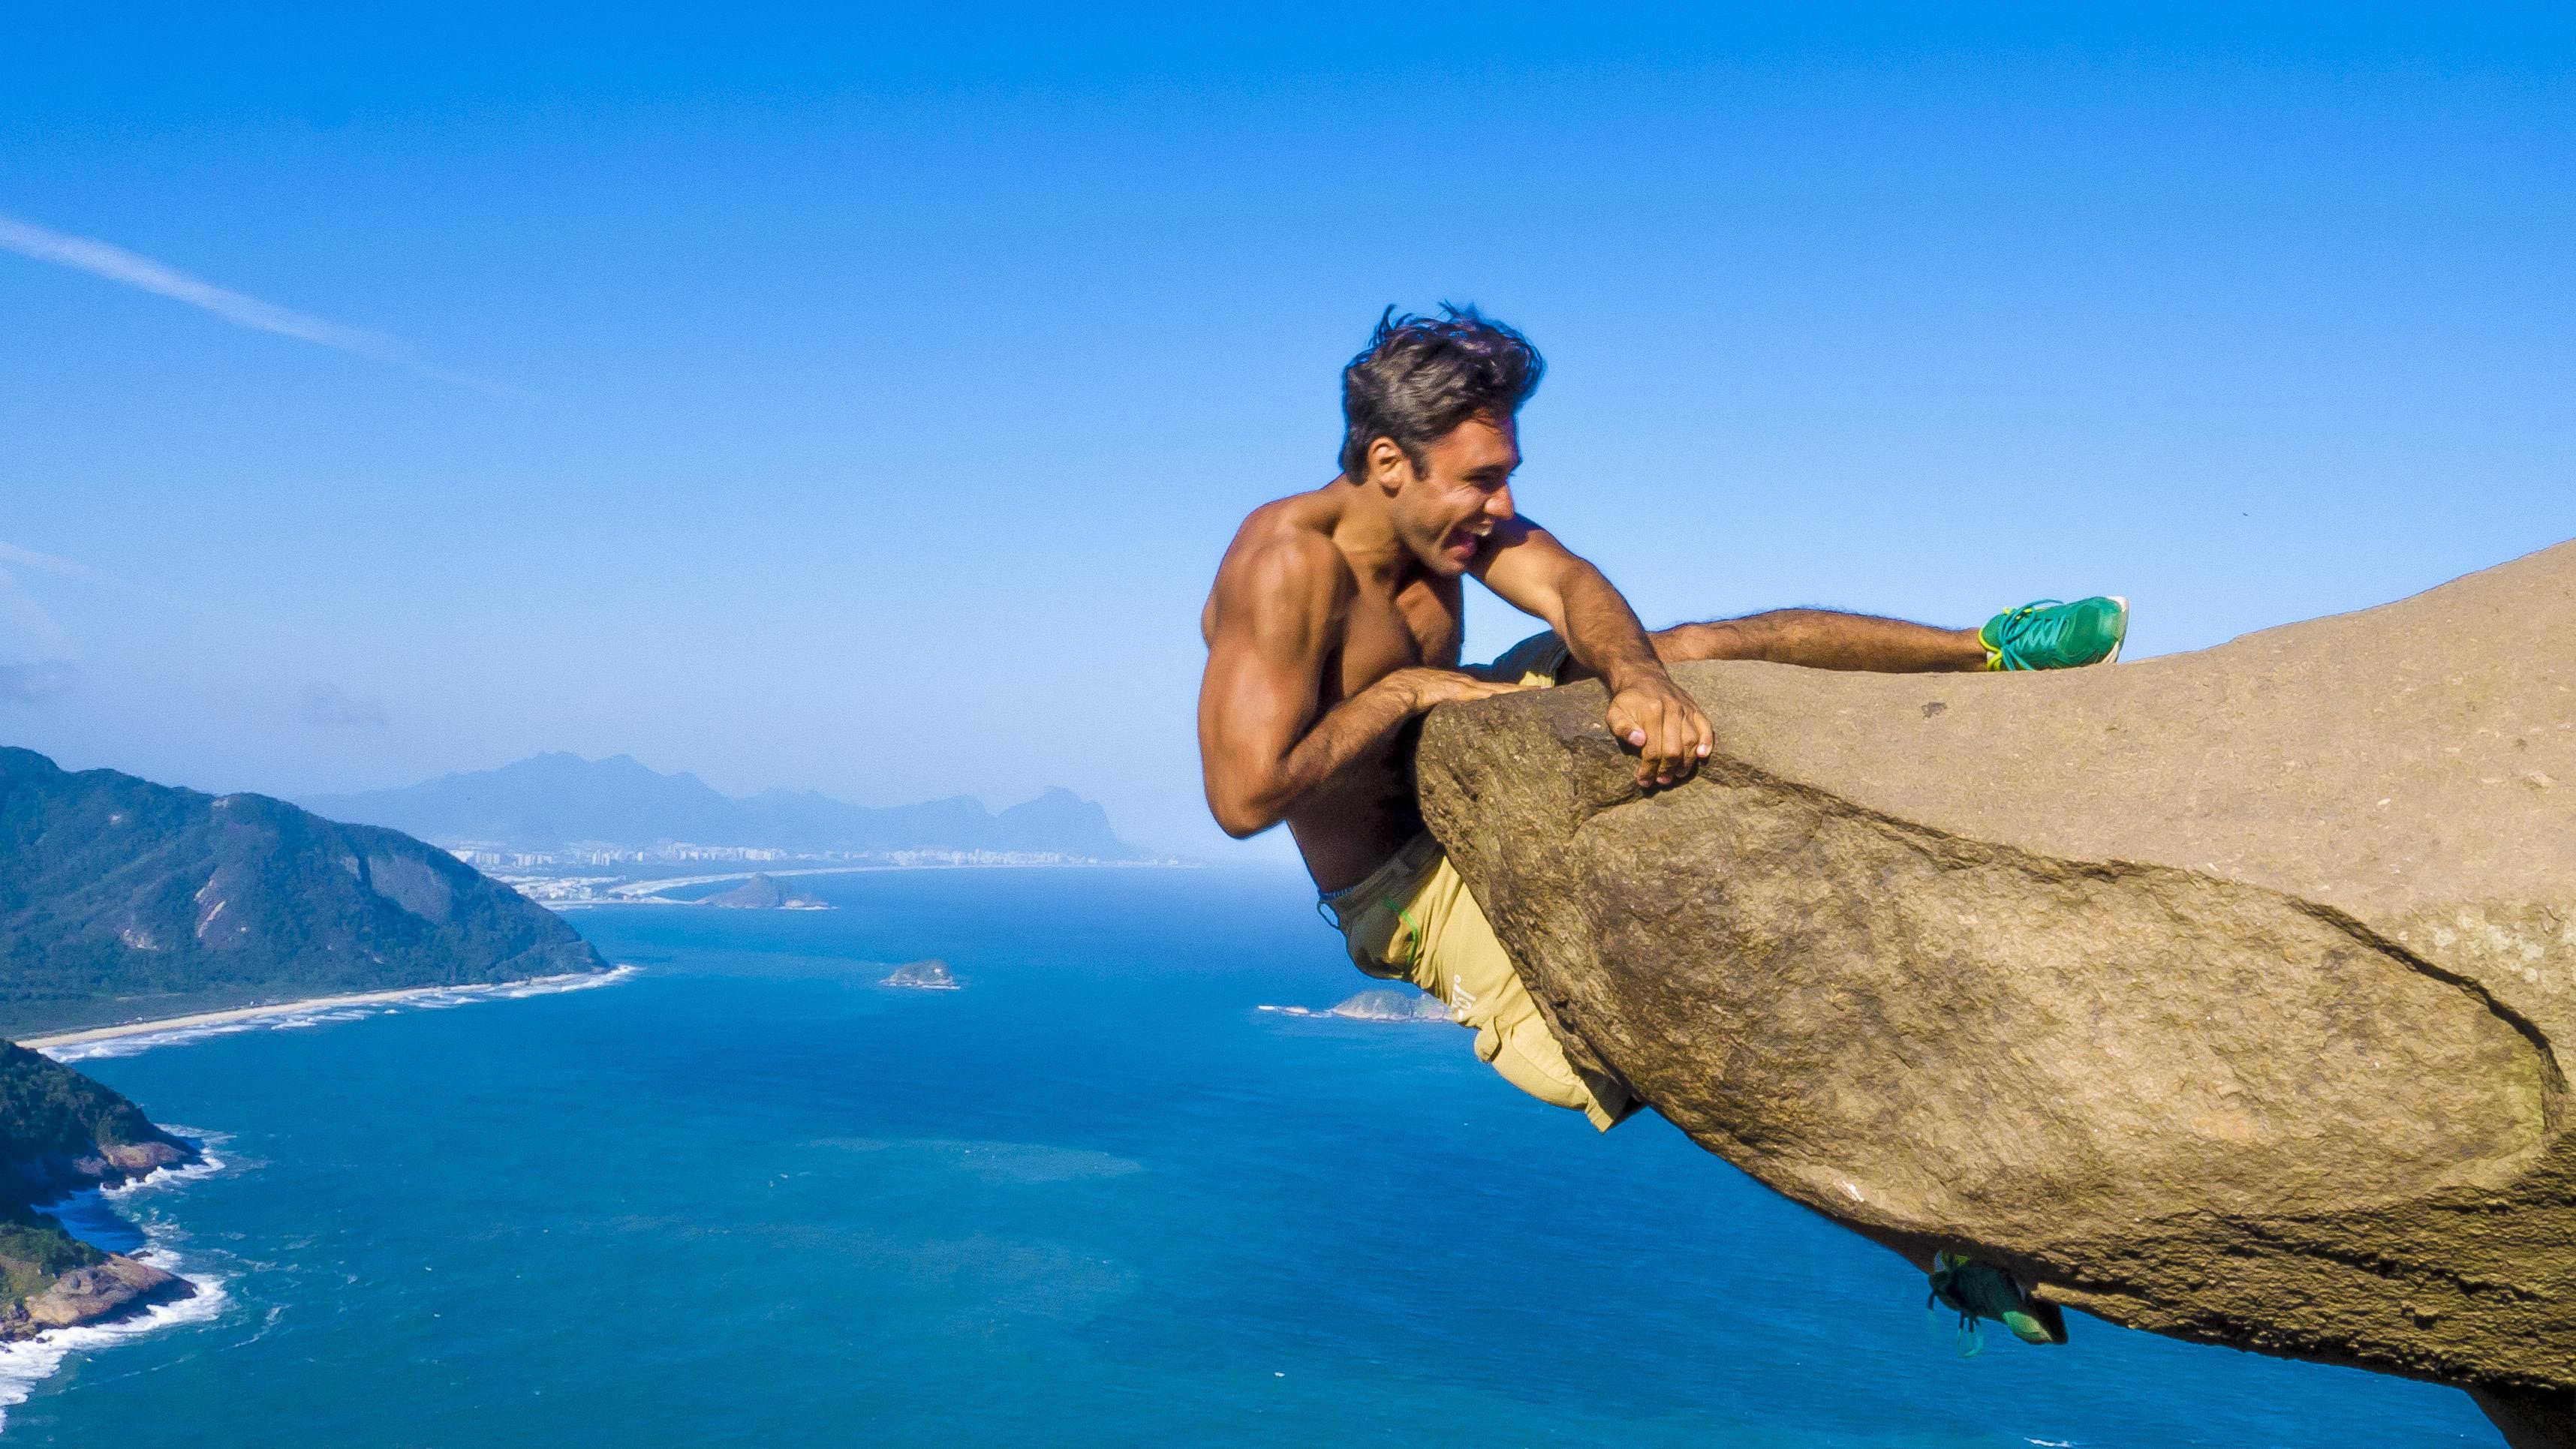 Memo-Webber-Escalando-Rio-de-Janeiro-Pedra-do-Telégrafo-110116-0.jpg